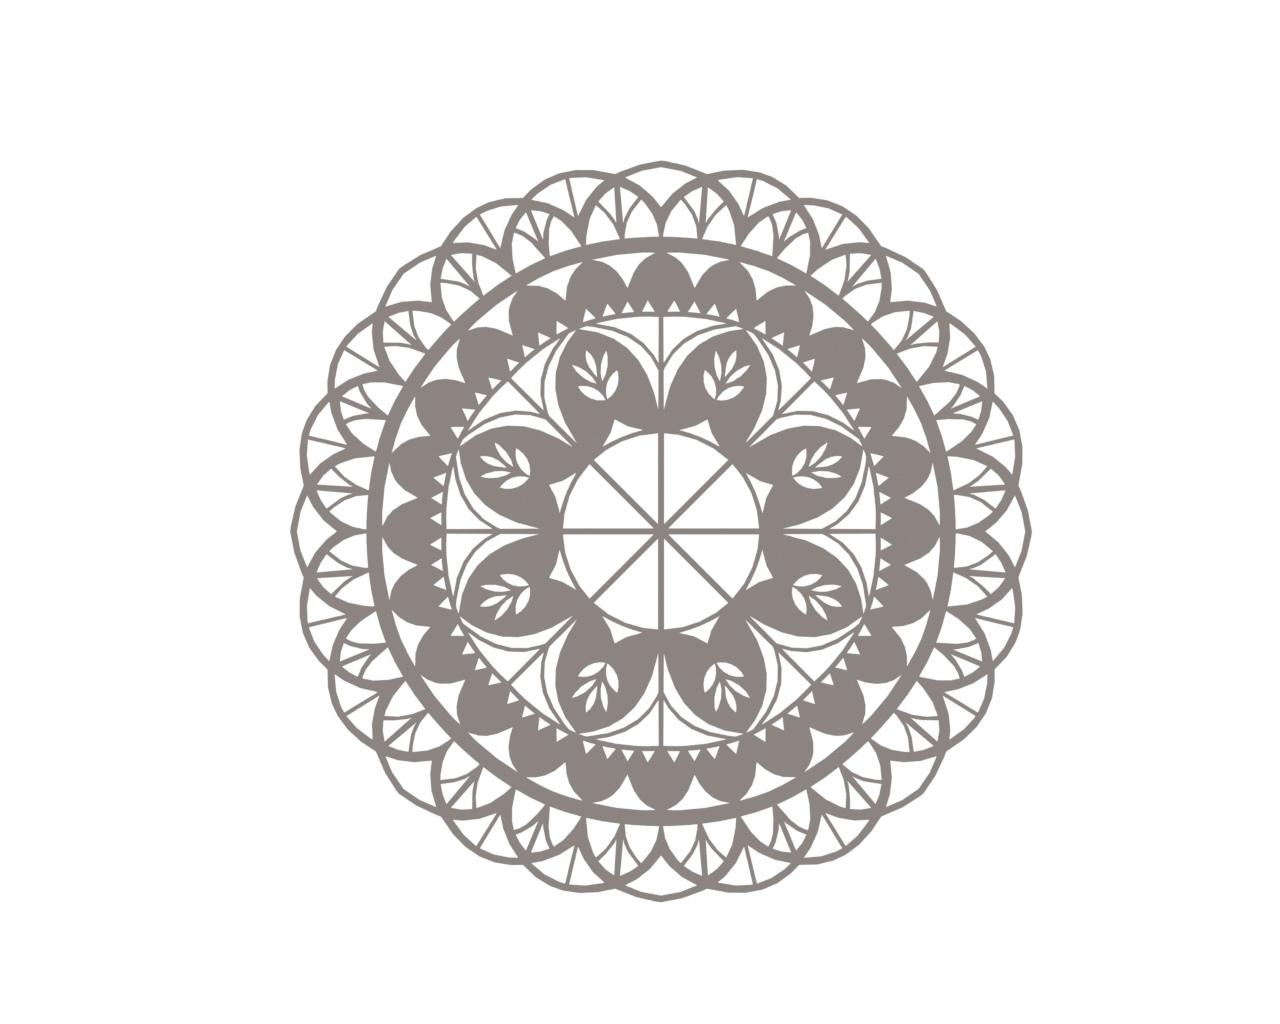 Floral Mandala Ornament Free CDR Vectors Art